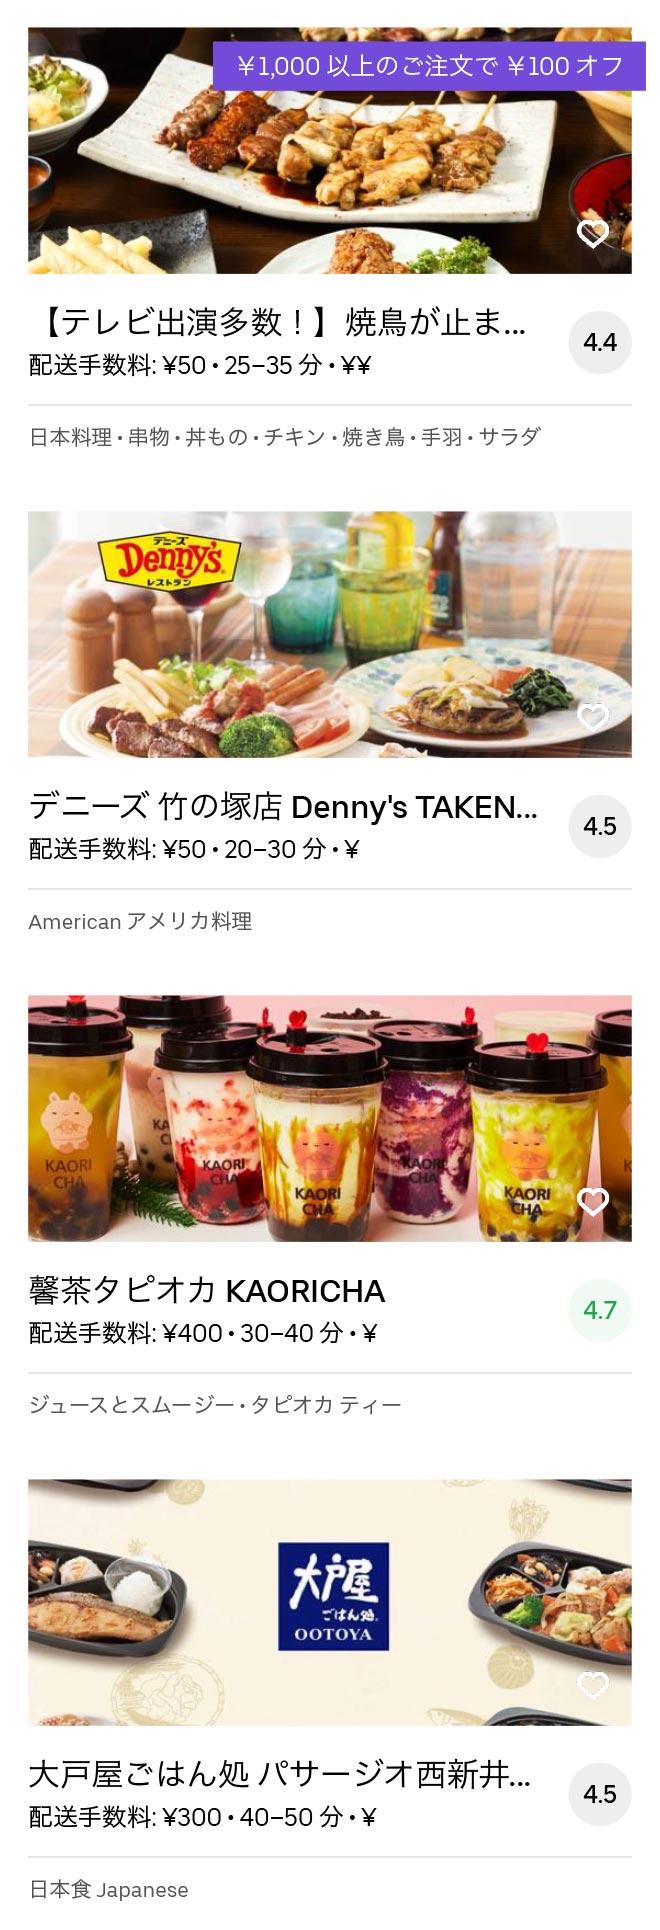 Tokyo takenotsuka menu 2005 07